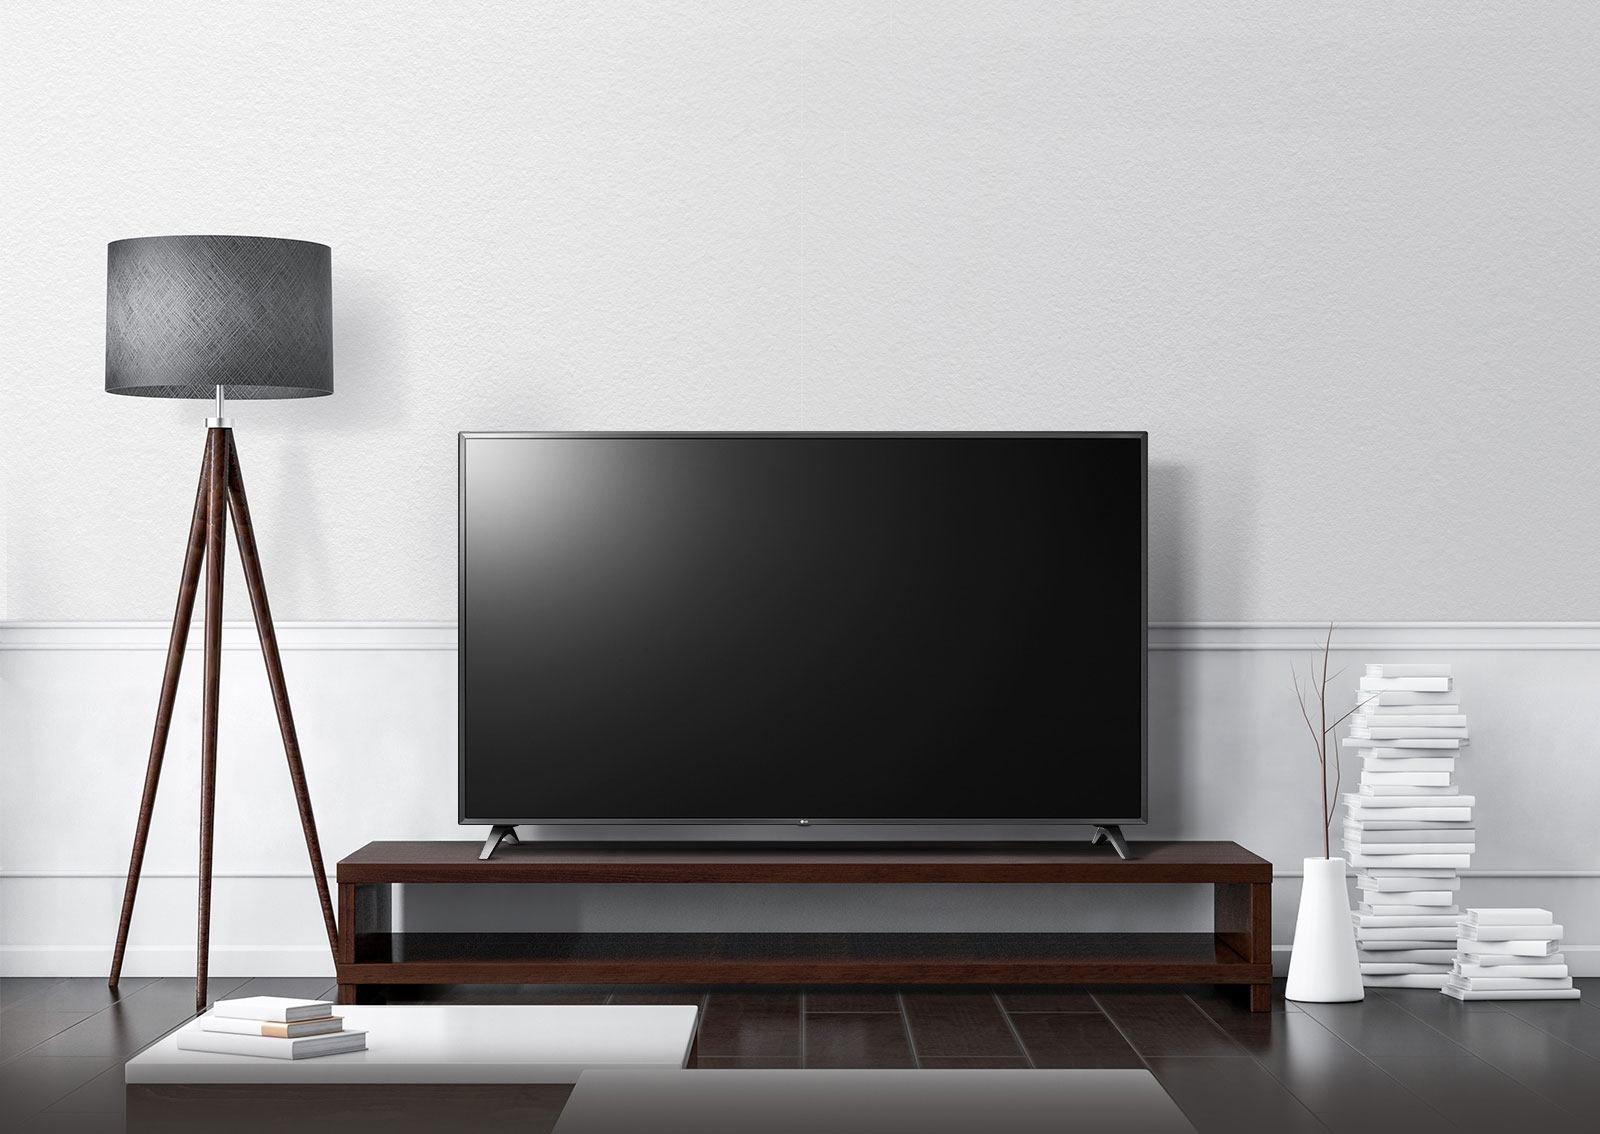 TV com Design simples porém requintado